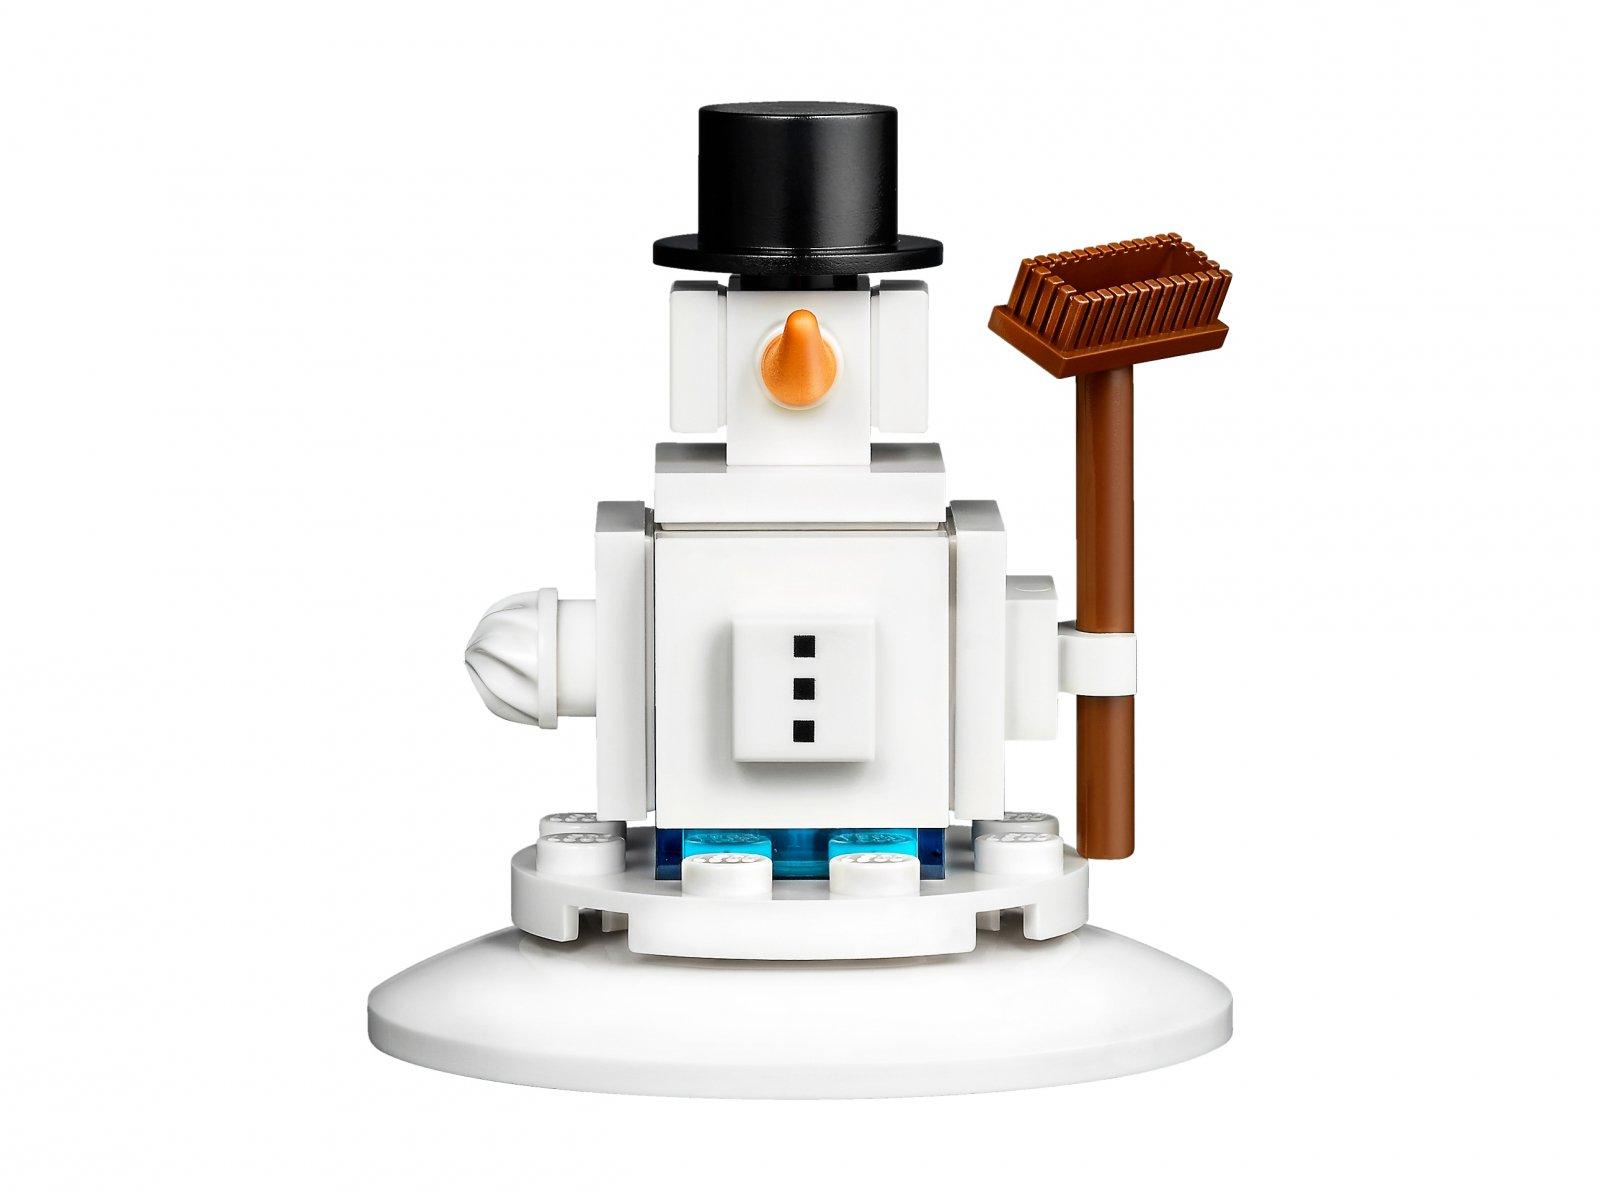 LEGO Kultowa świąteczna ozdoba z bałwanem 853670